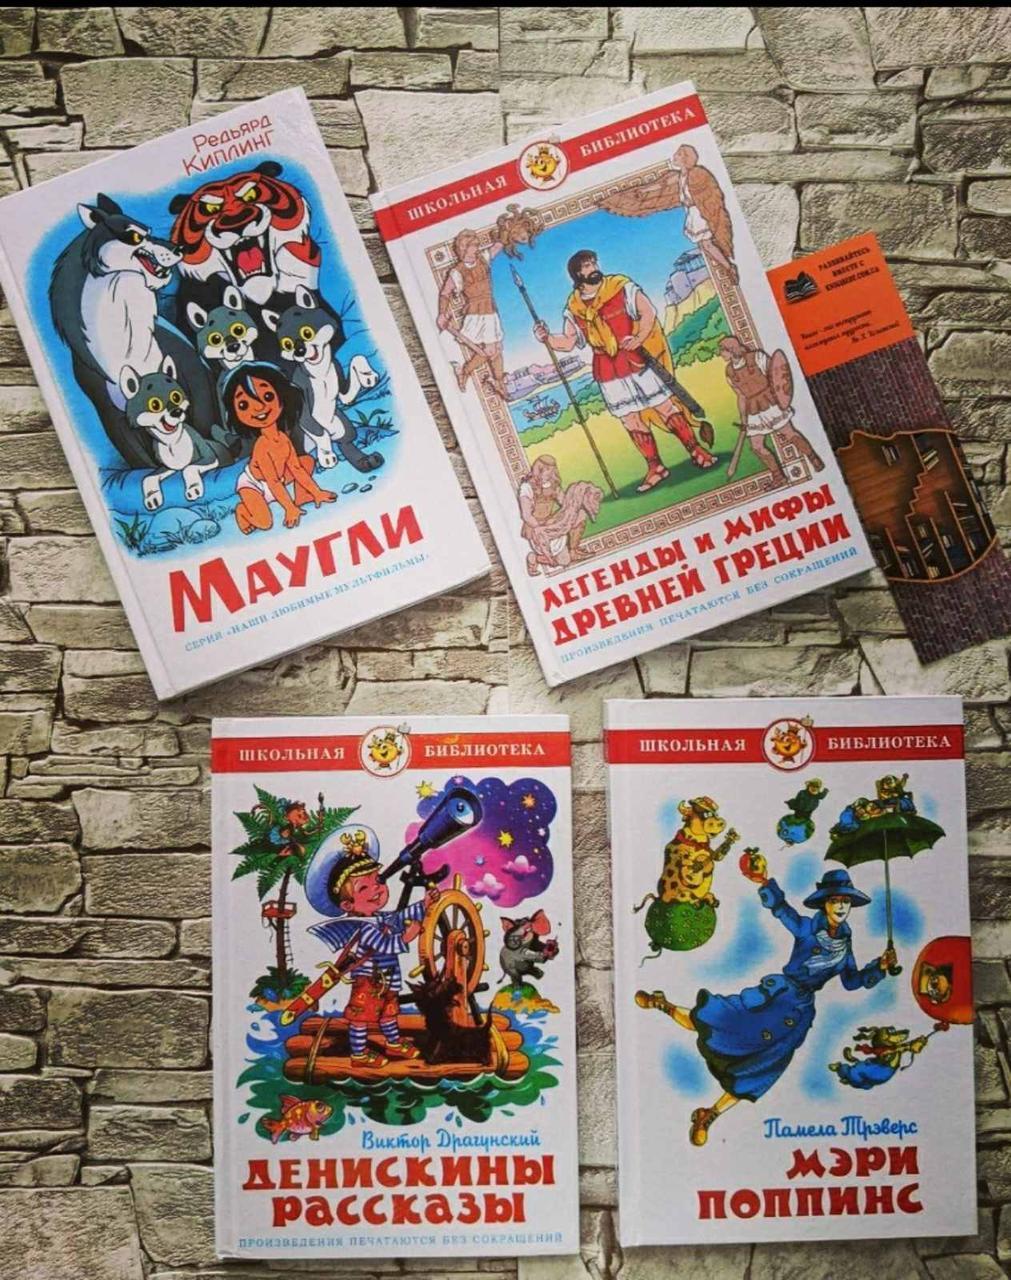 """Набір """"Мері Поппінс"""", """"Денискін оповідання"""", """"Мауглі"""", """"Легенди і міфи Стародавньої Греції"""""""